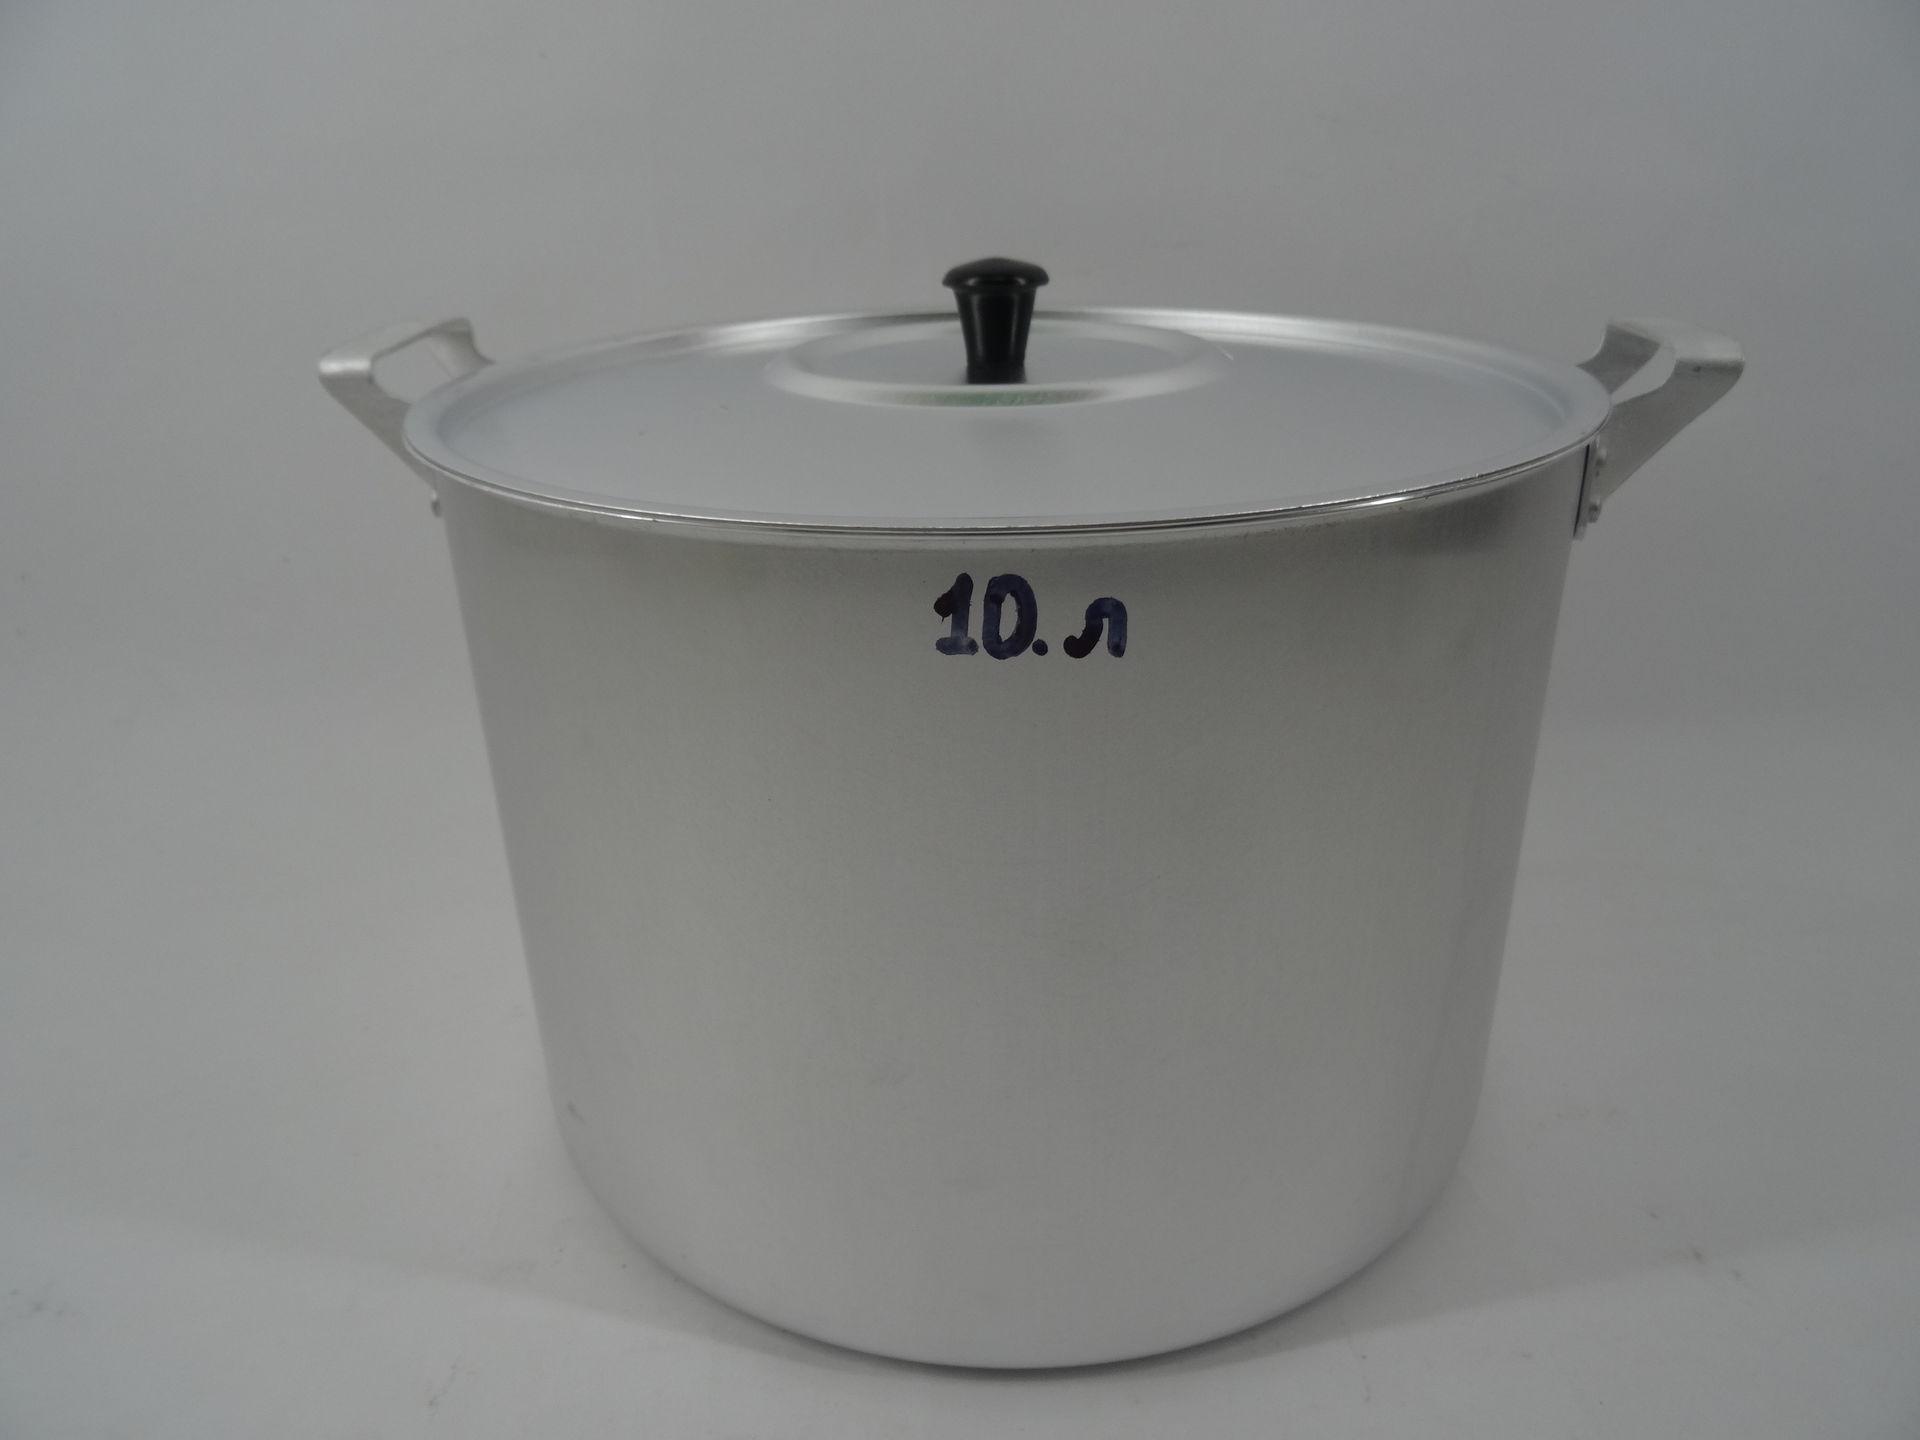 Фото алюминиевой кастрюли 10 литров